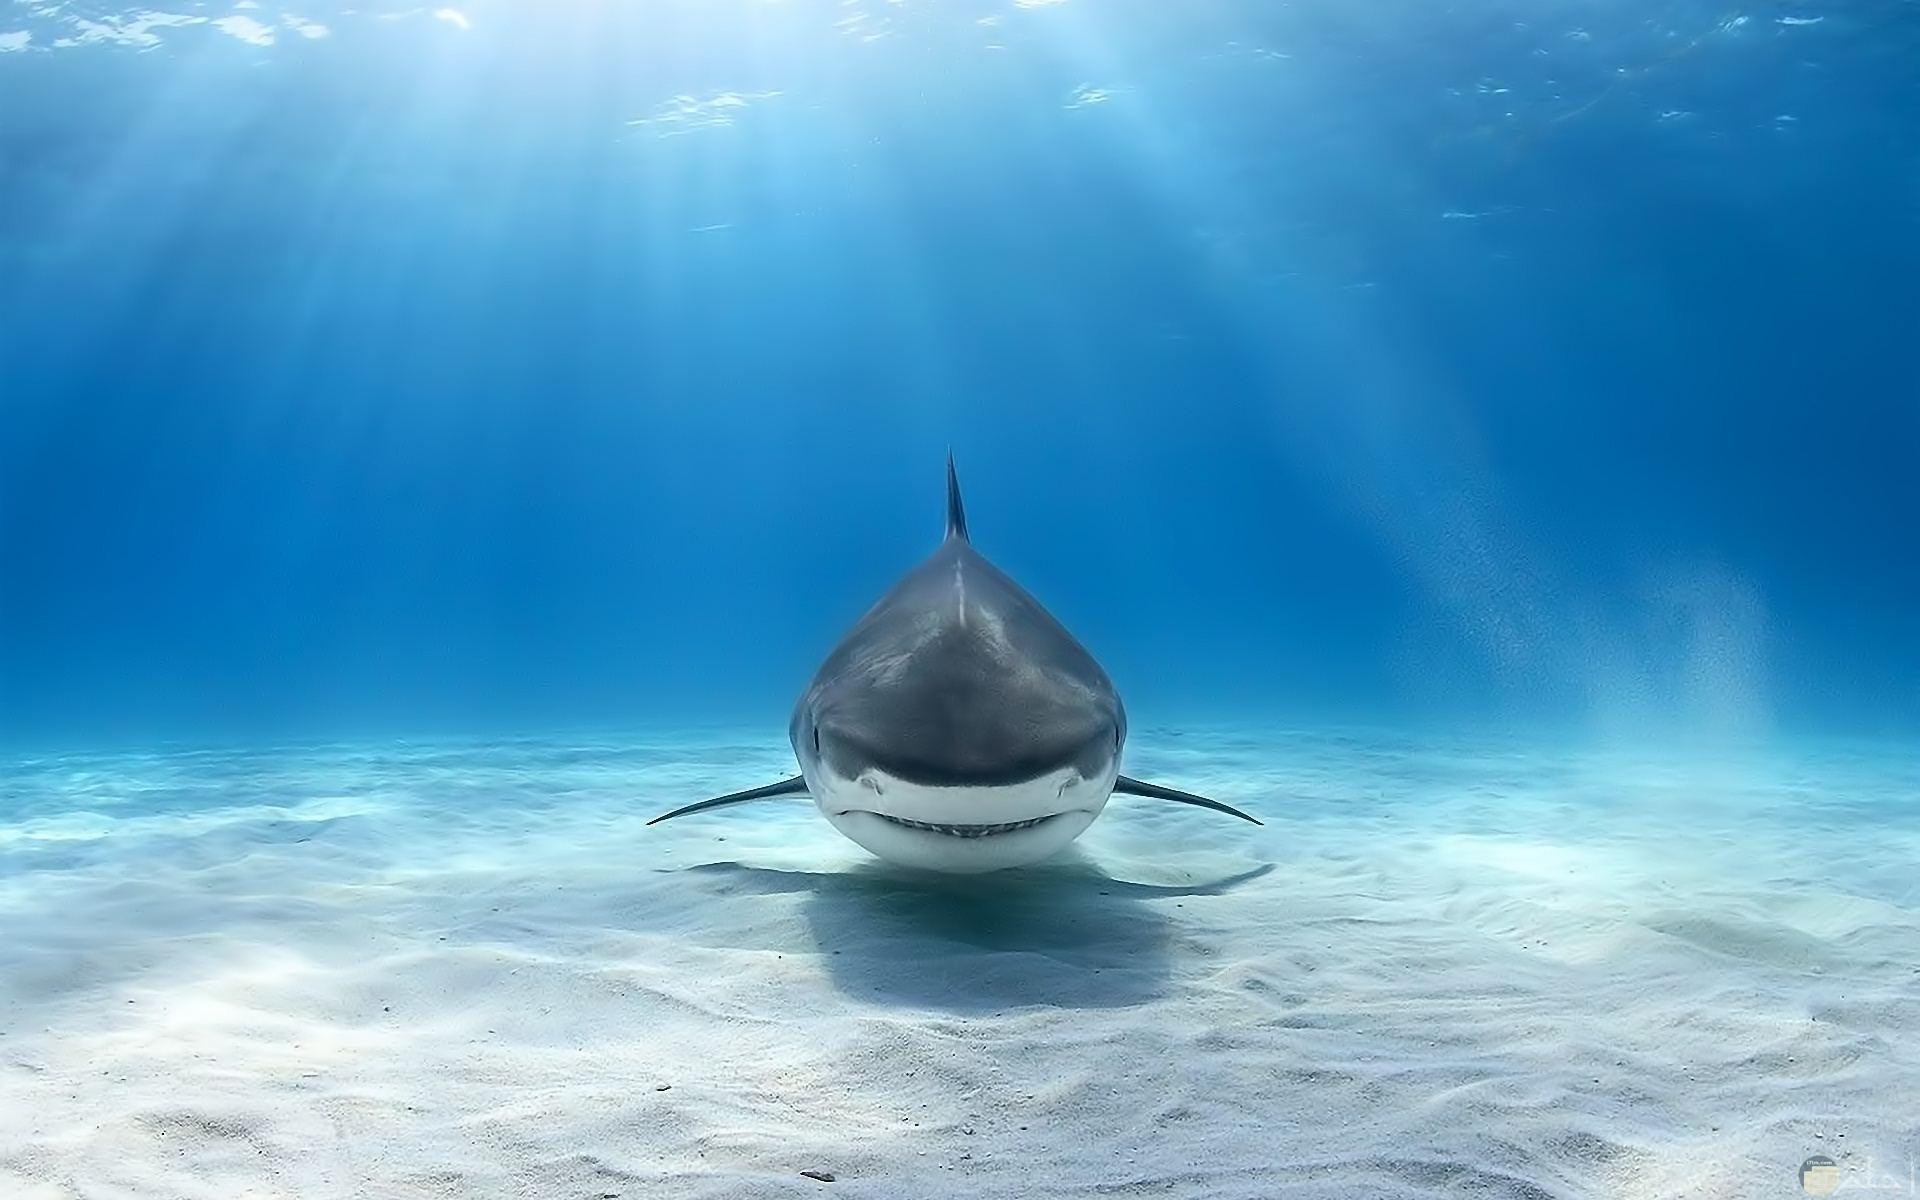 صورة مميزة لسمكة القرش في البحر جميلة لخلفيات الكمبيوتر